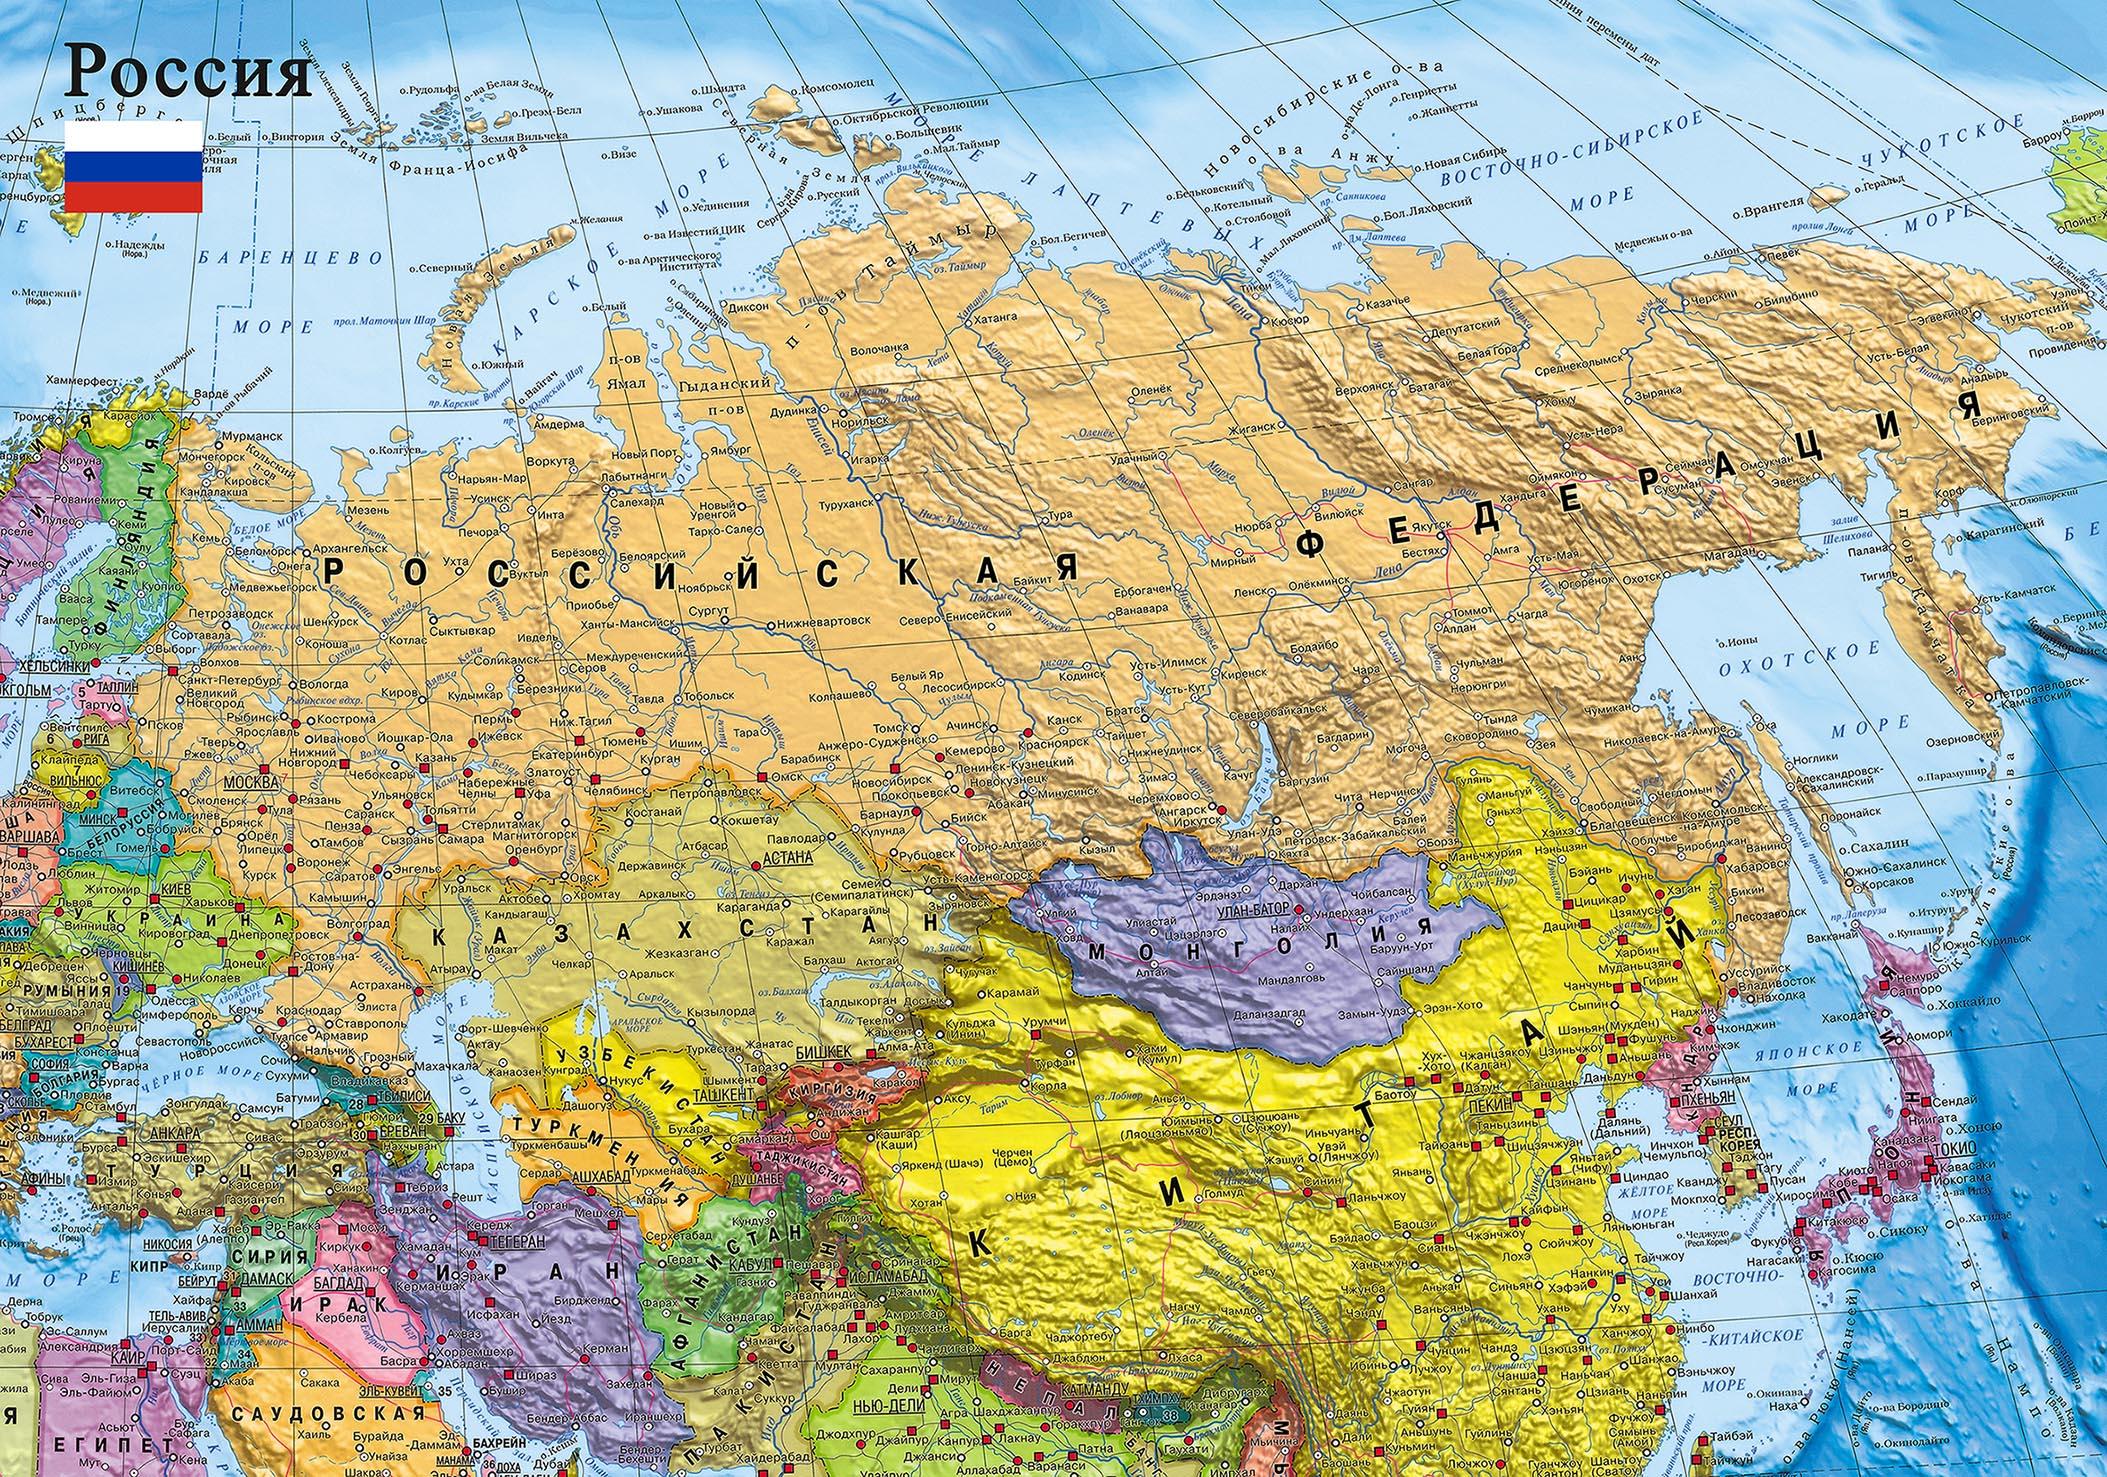 Изготовление карты России с федеральными округами